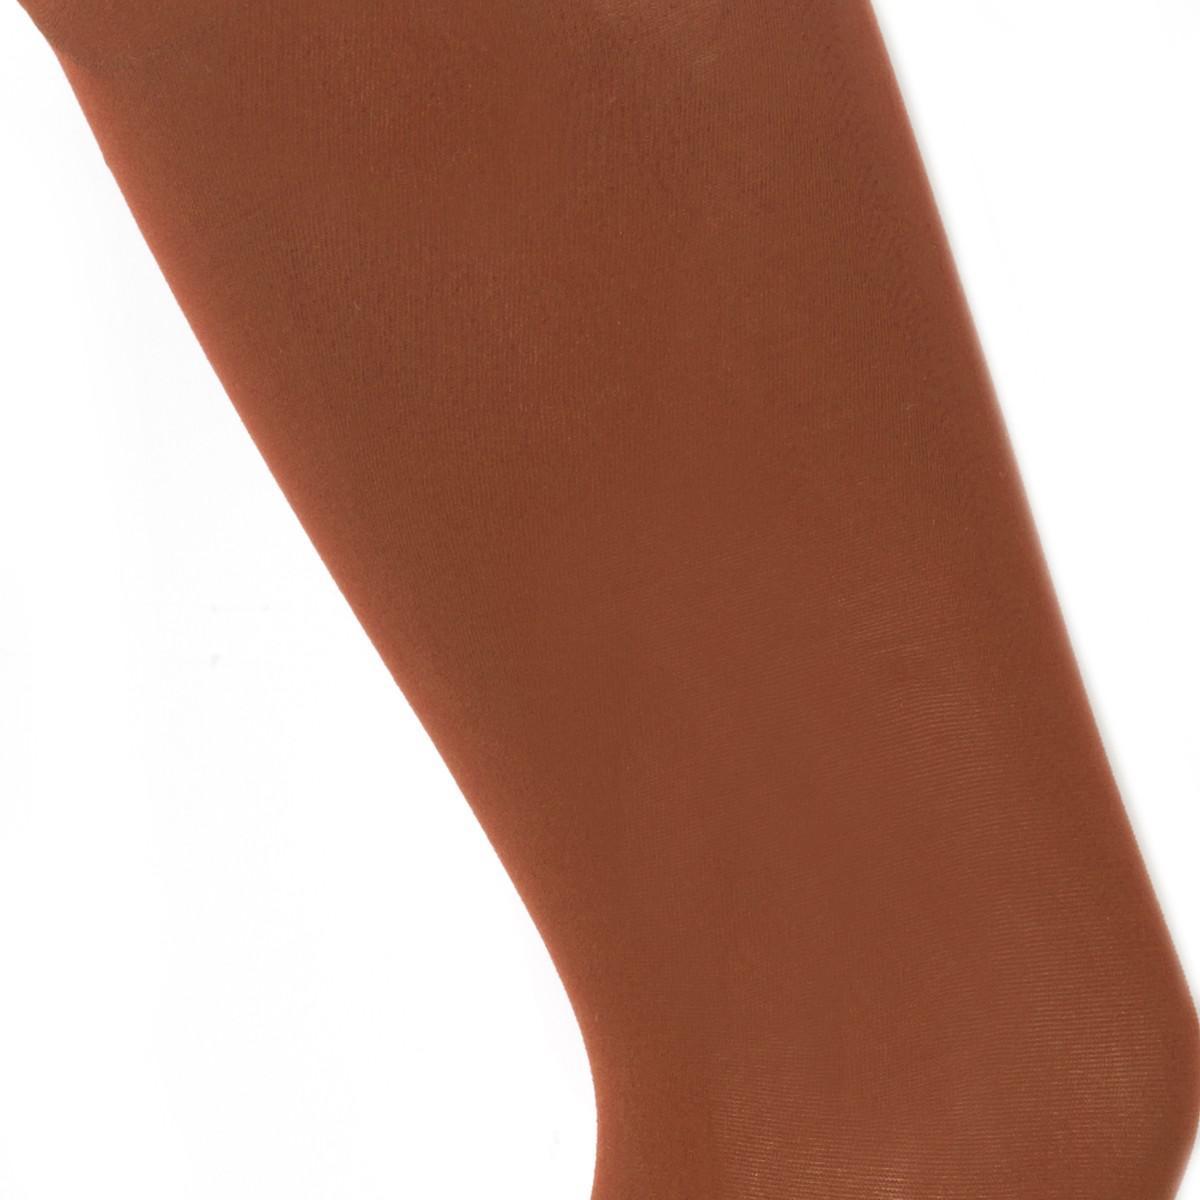 6d25c8ea3bcd1 Lyst - La Redoute Semi-opaque Microfibre Tights in Brown